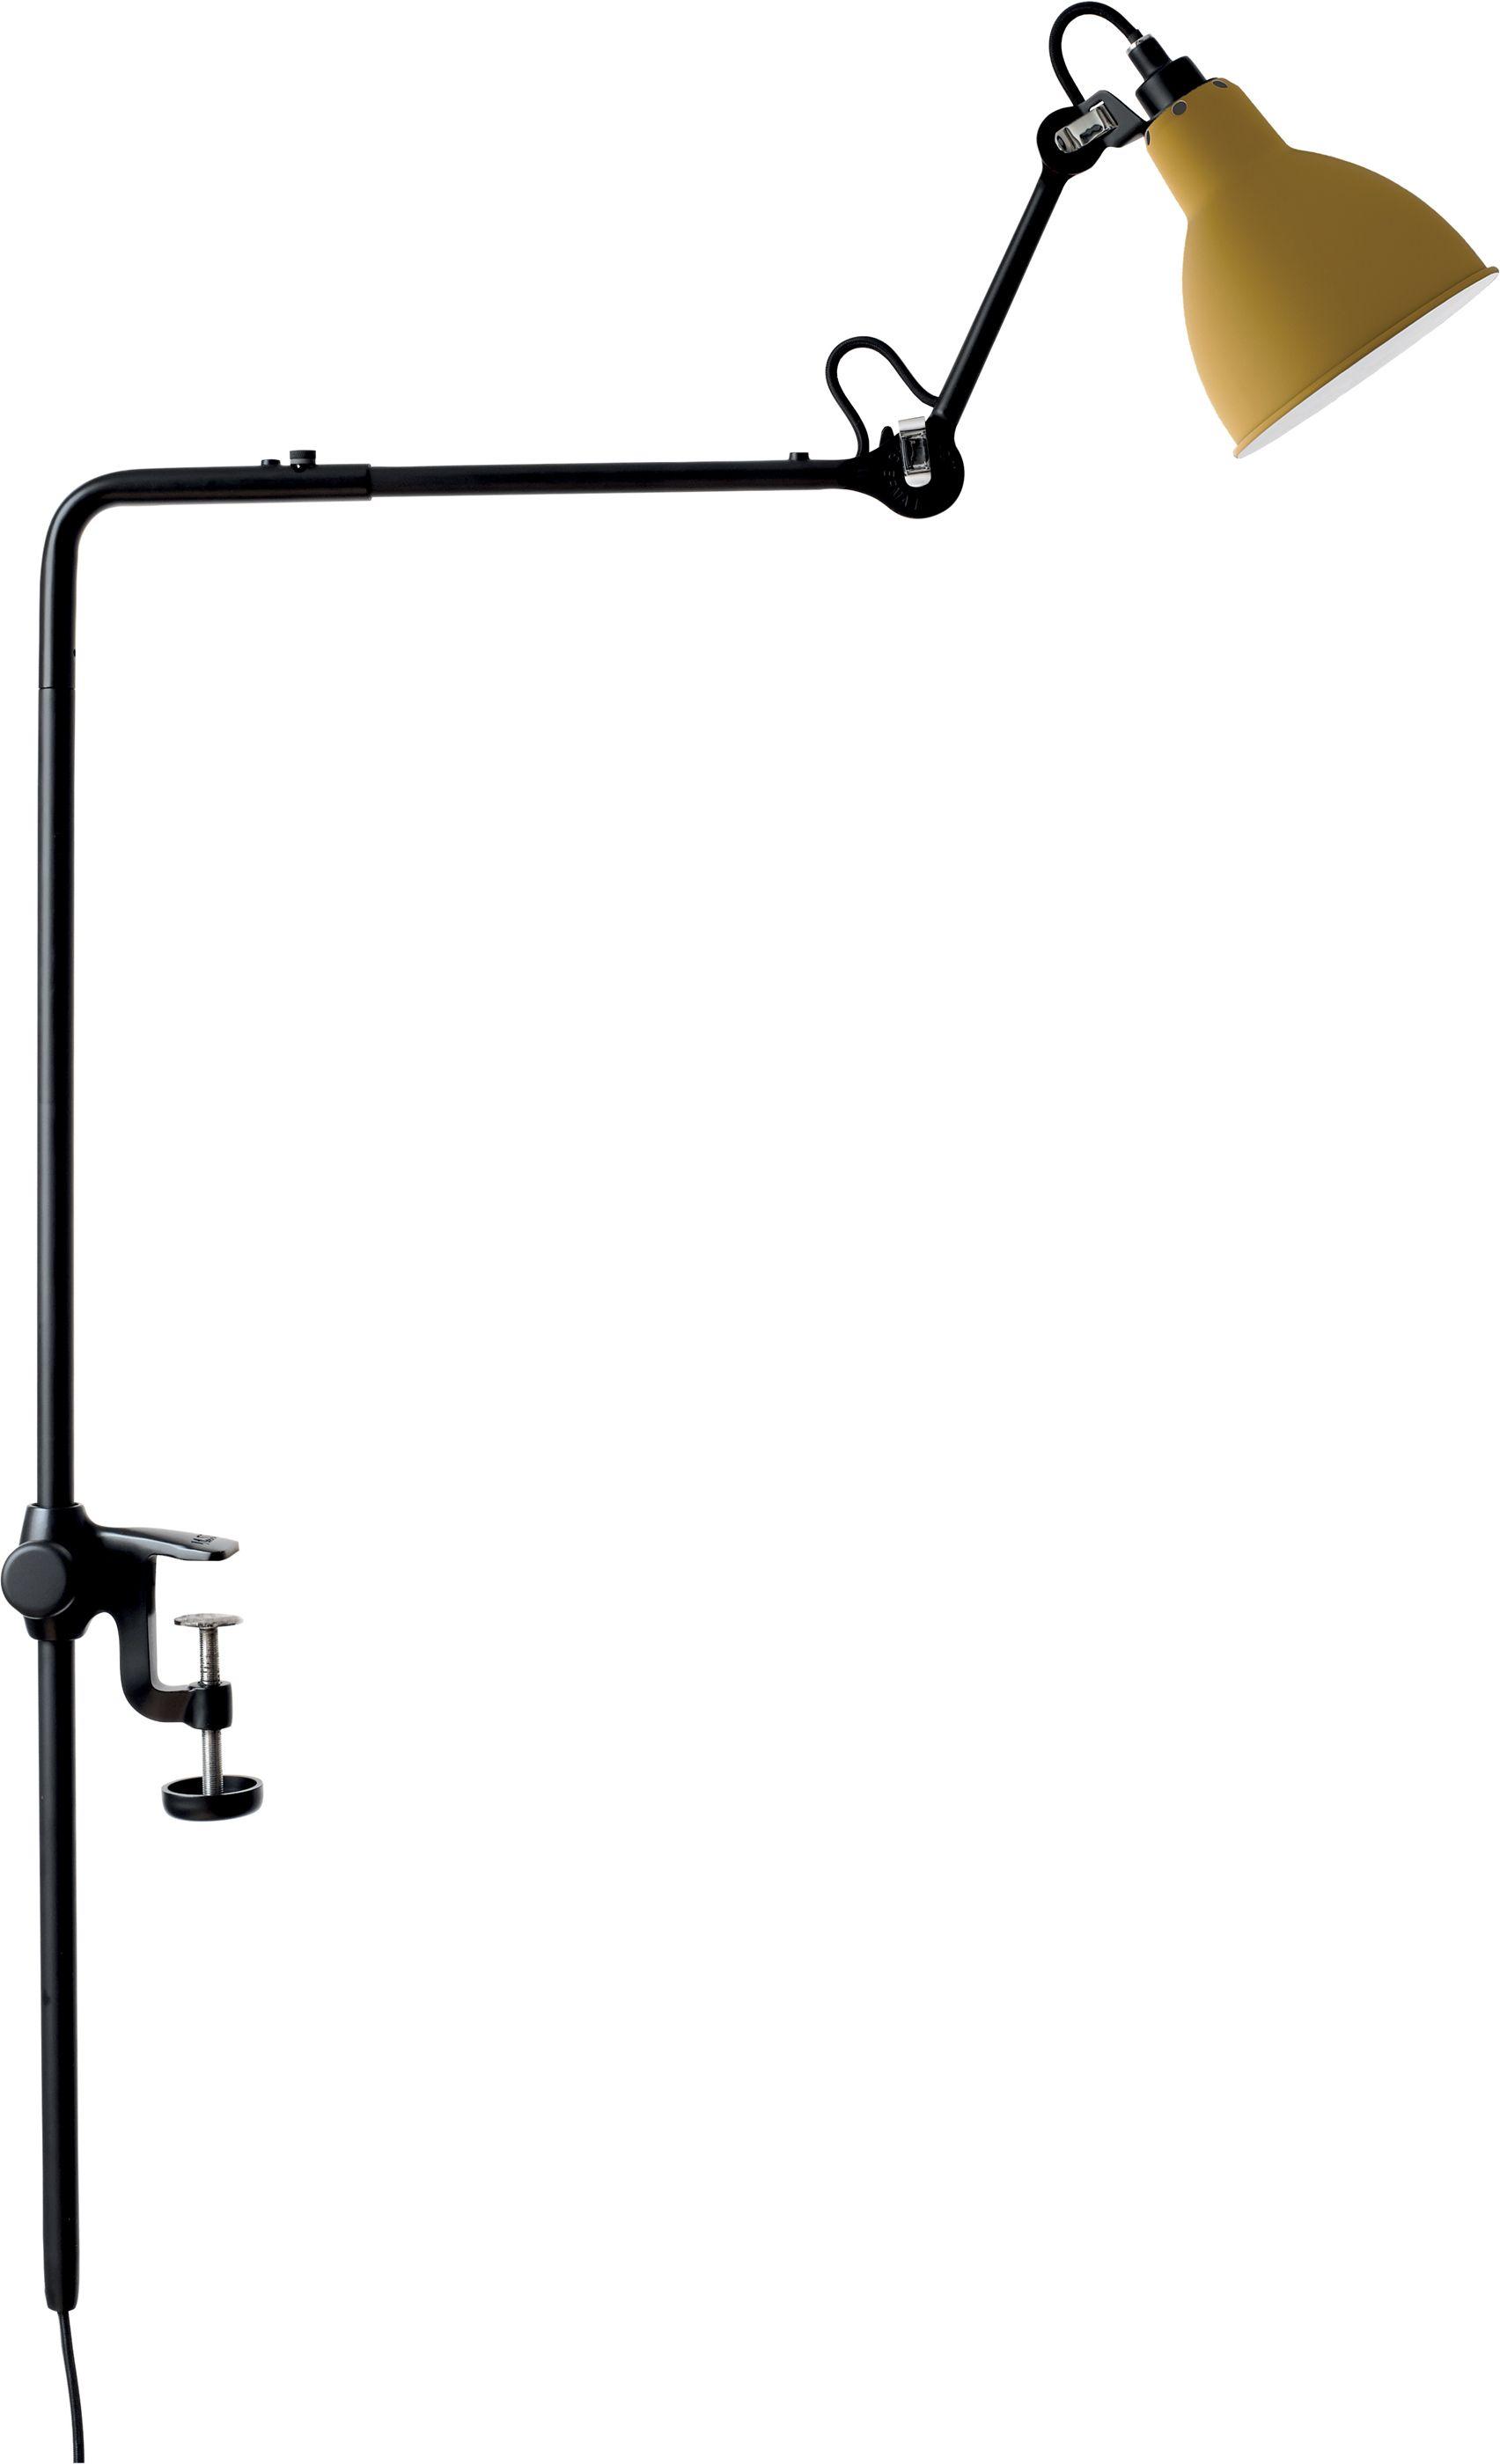 DCW éditions Lampe Gras N226 bureaulamp met tafelklem Geel